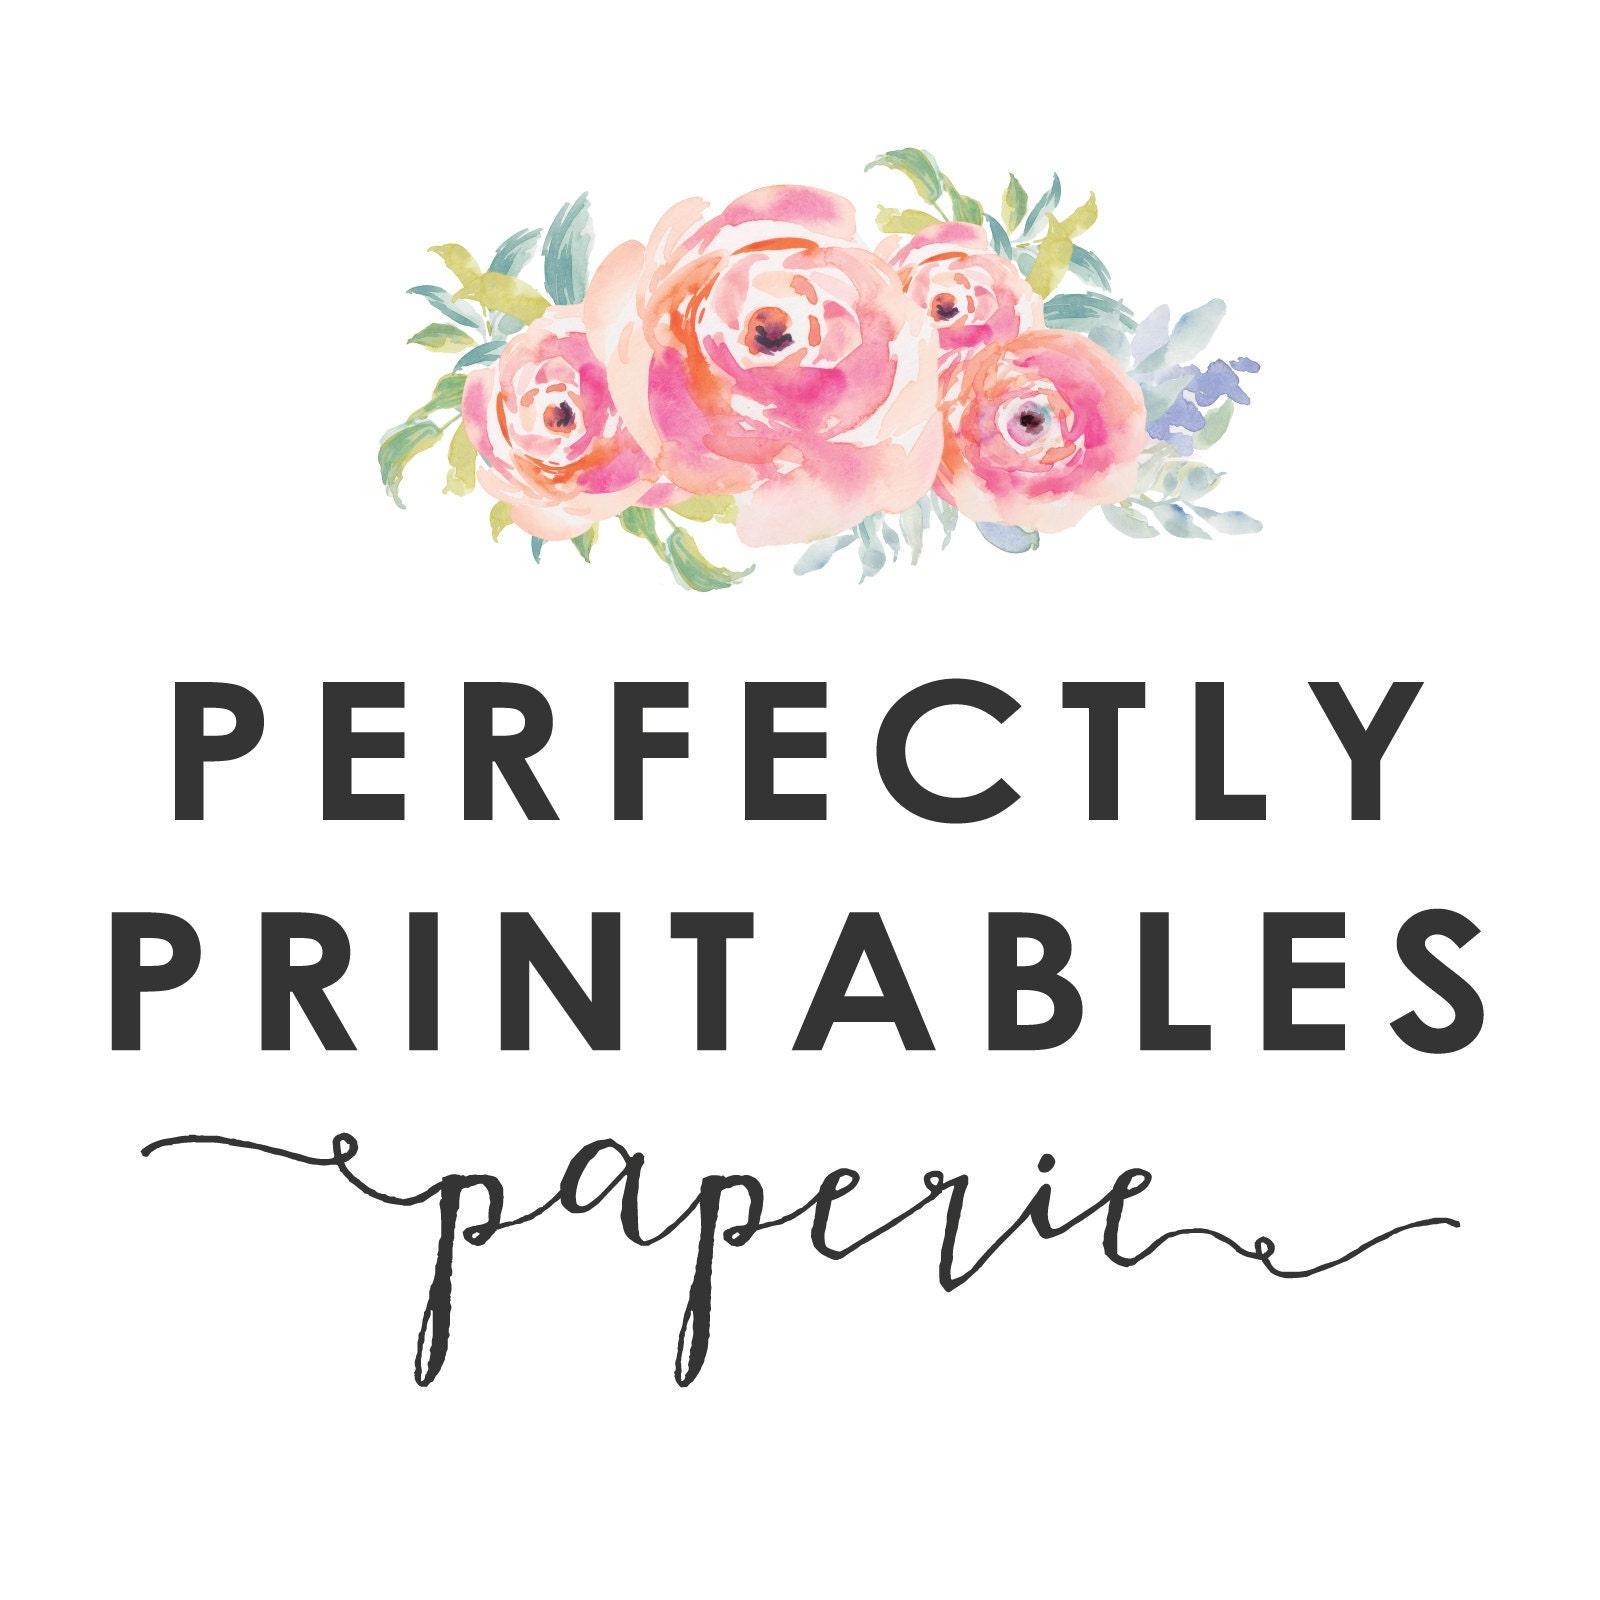 PerfectlyPrintables